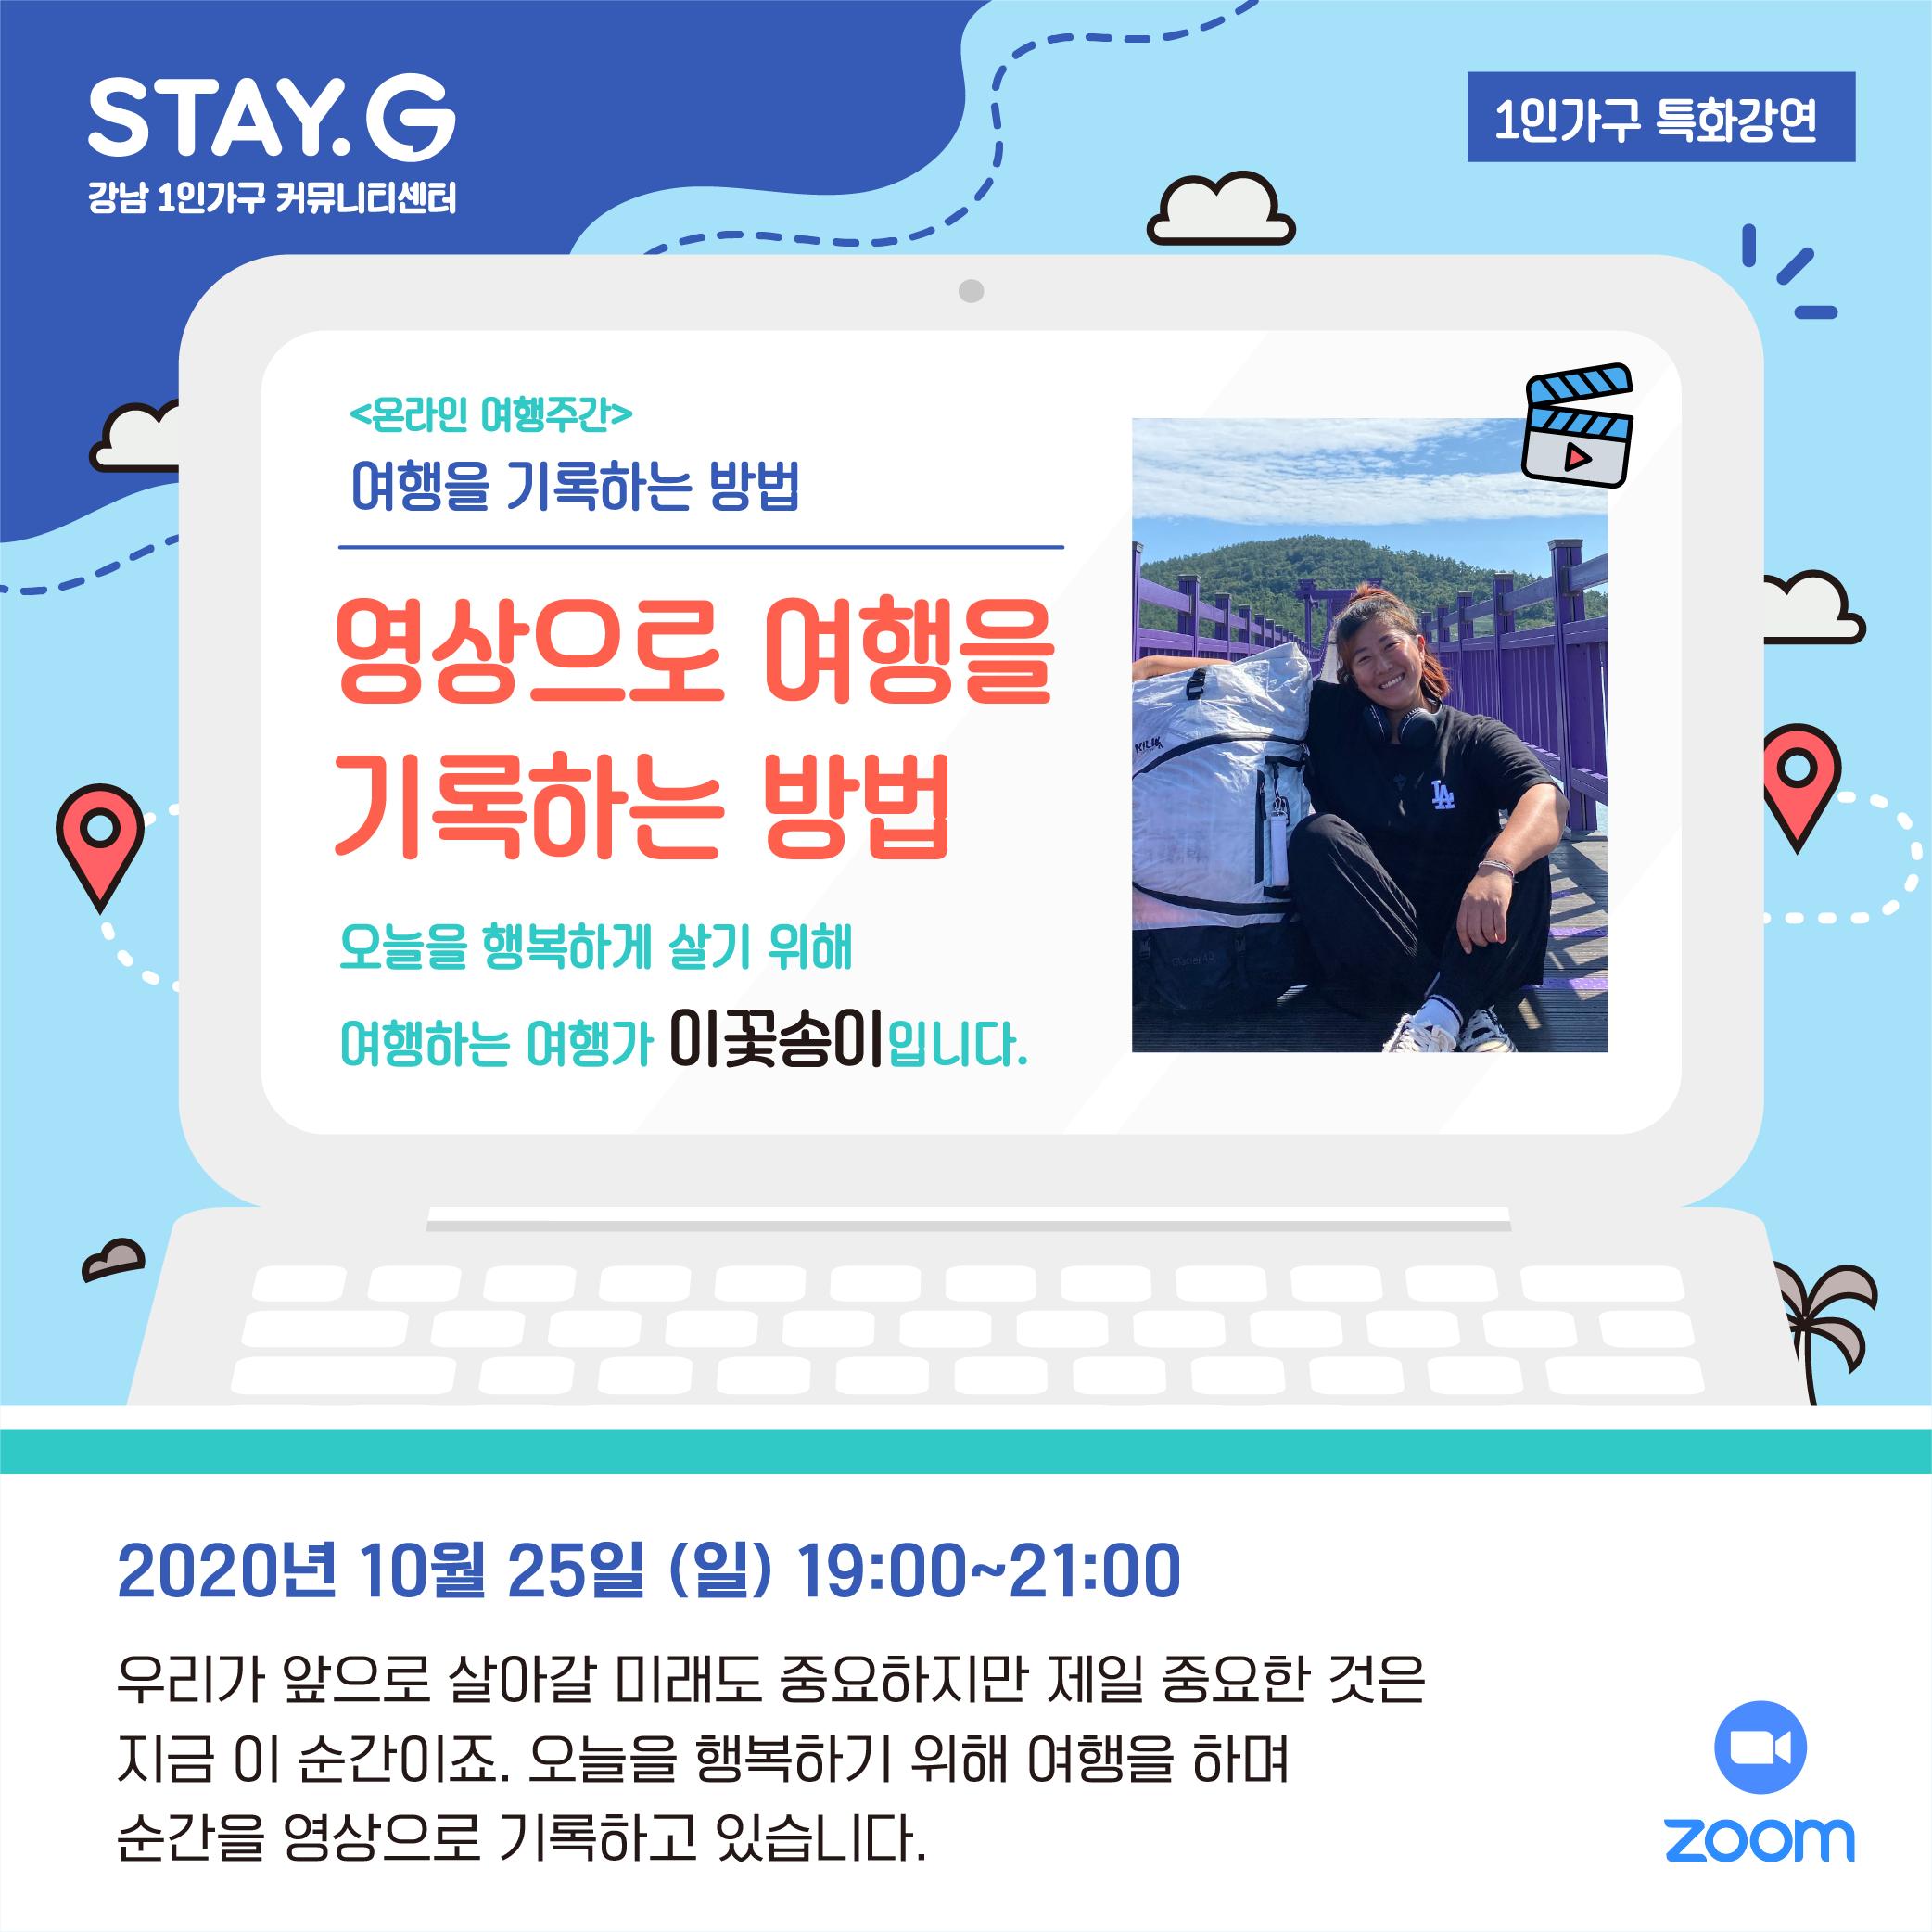 [1인가구 특화강연] <온라인 여행주간> 영상으로 여행을 기록하는 방법 후기